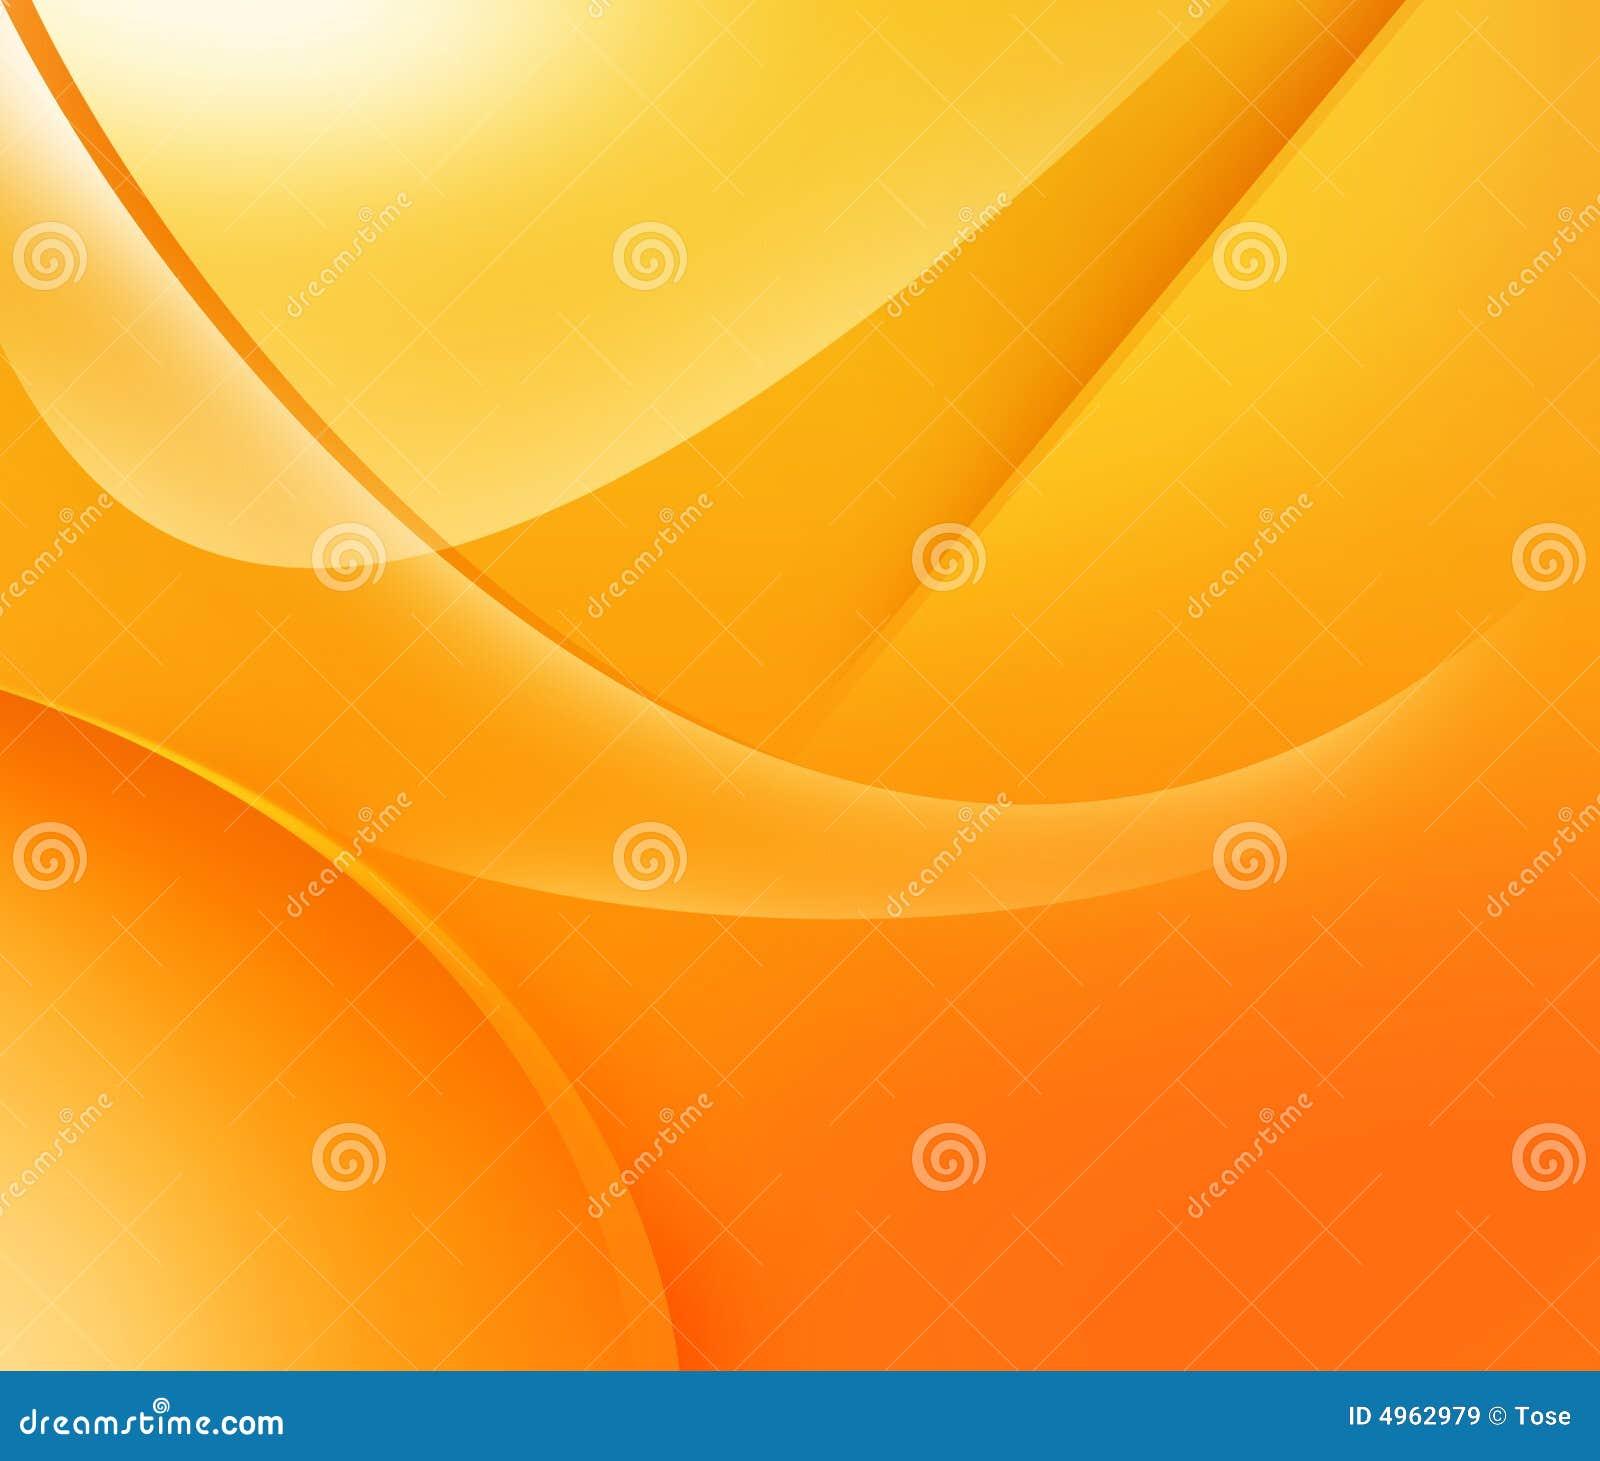 orange background free stock - photo #44